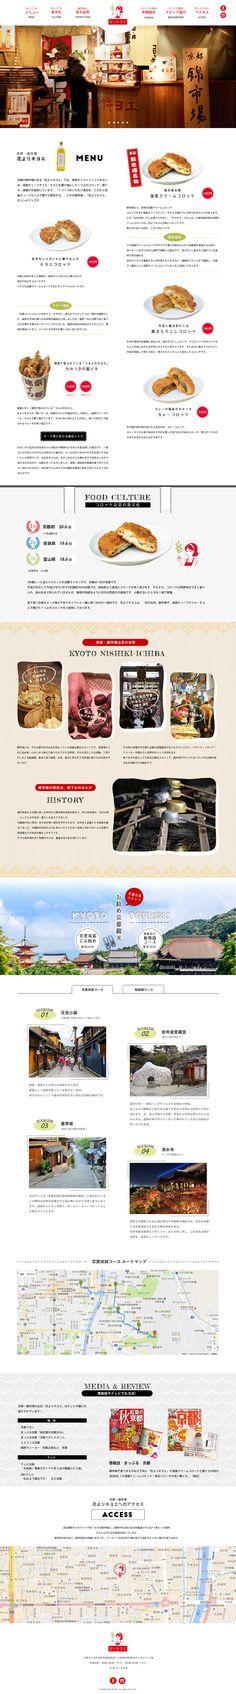 京都の錦市場にある「花よりキヨエ」のホームページ制作しました。錦市場は、今も京都の生活文化が詰まっている貴重な観光スポットで、琵琶湖でとれた淡水魚、むかしから地元で食べられてきた京野菜、それを加工した京漬物、丁寧にだしをとる乾物類、食卓に並ぶ佃煮、お茶、菓子に至るまで京料理に使うもの大体がそろいます。そのため、海外からも多くの観光客が訪れます。 錦市場名物「湯葉クリームコロッケ」の他、揚げたてのオリジナルコロッケを提供している「花よりキヨエ」を利用するユーザーは、京都観光の途中で立ち寄り、食べ歩きでコロッケを片手に錦市場を散策するそうです。そこで、メニューや店舗情報以外に、「京都出身のスタッフによるお勧め京都観光」というコンテンツを提案しました。 観光コースは「恋愛成就コース」「動物園コース」の2種類。今後も追加予定です。 デザインコンセプトは「京コロッケ」。あまりイメージが近くないものを、うまく融合させるために、京都とコロッケとキャラクター(女の子)という3点を意識して、いいバランスをとることができました。